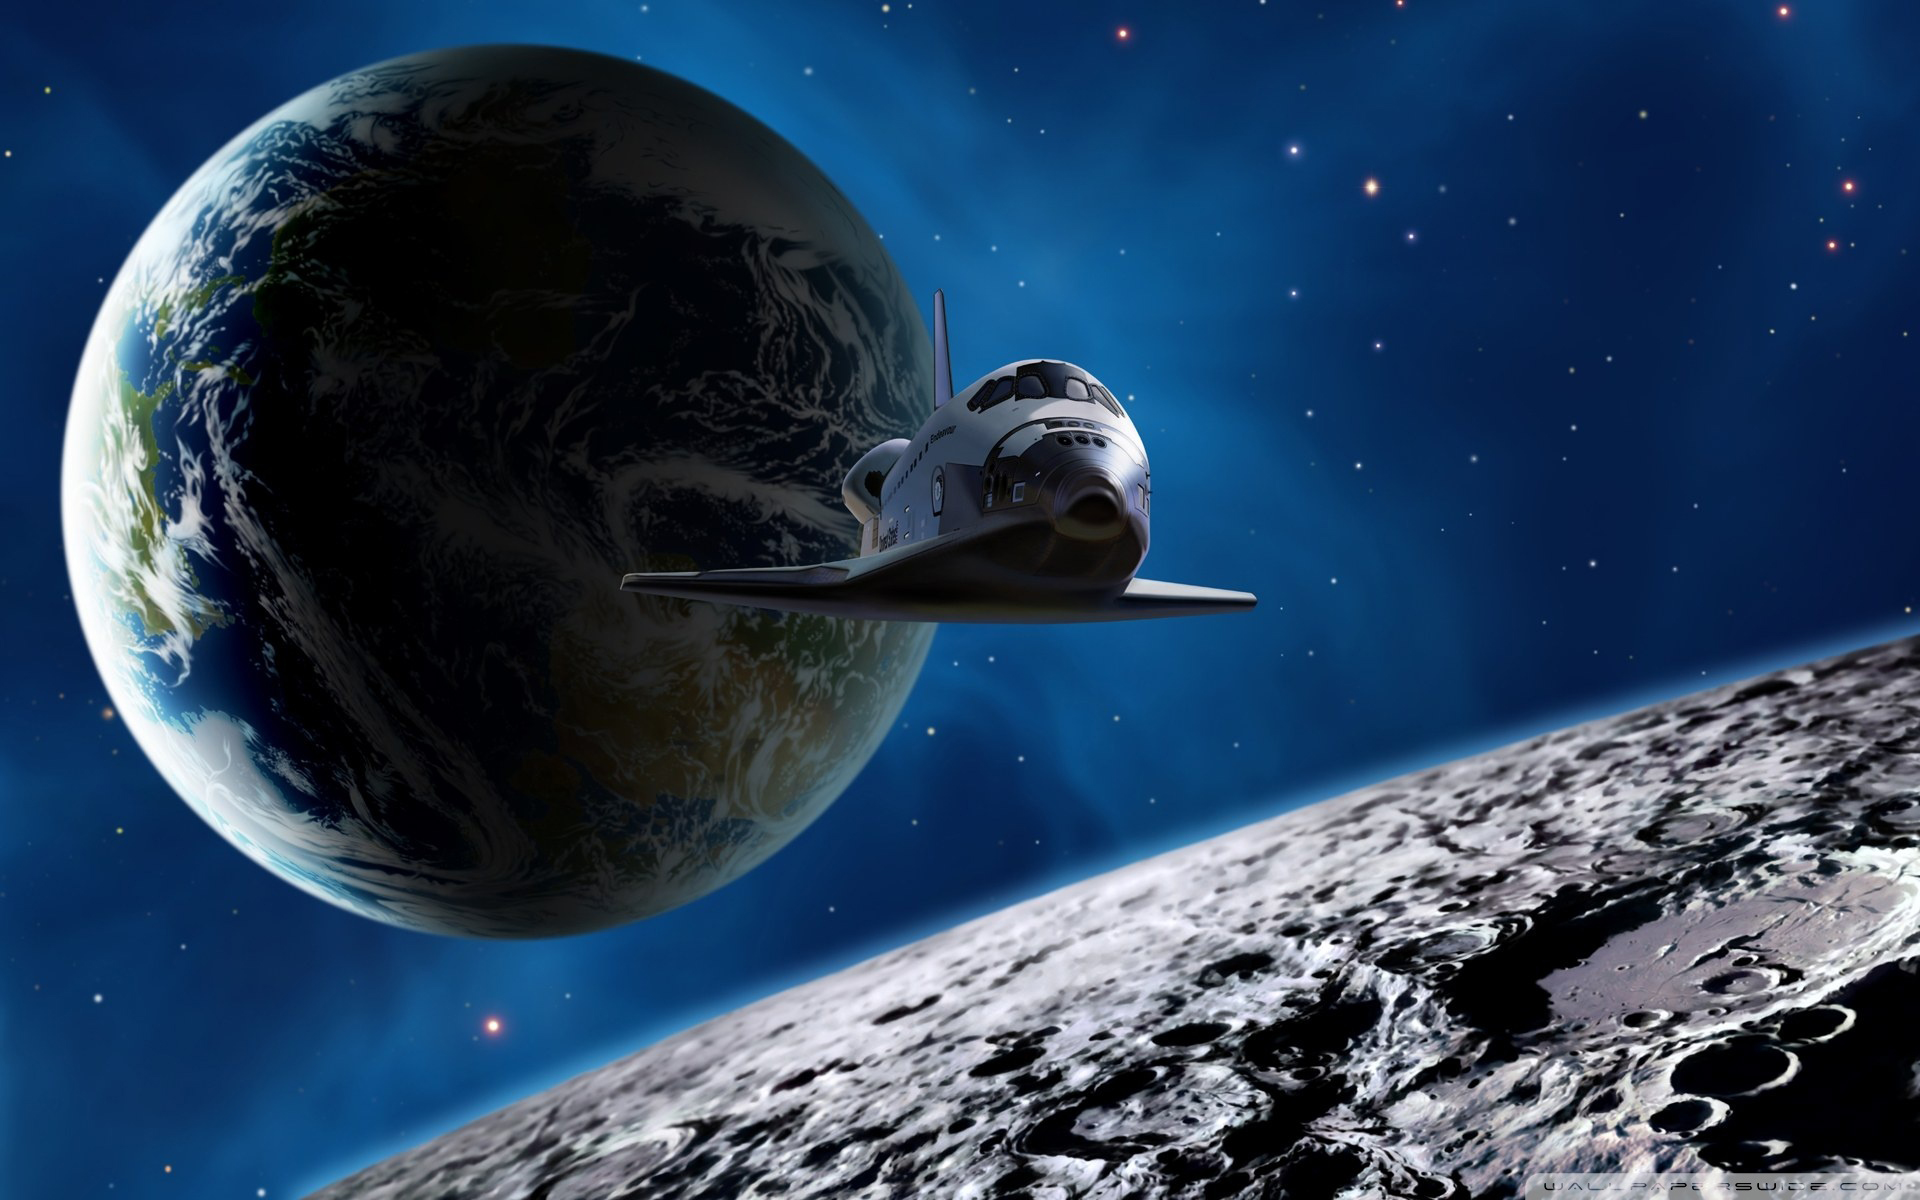 spaceship.jpg